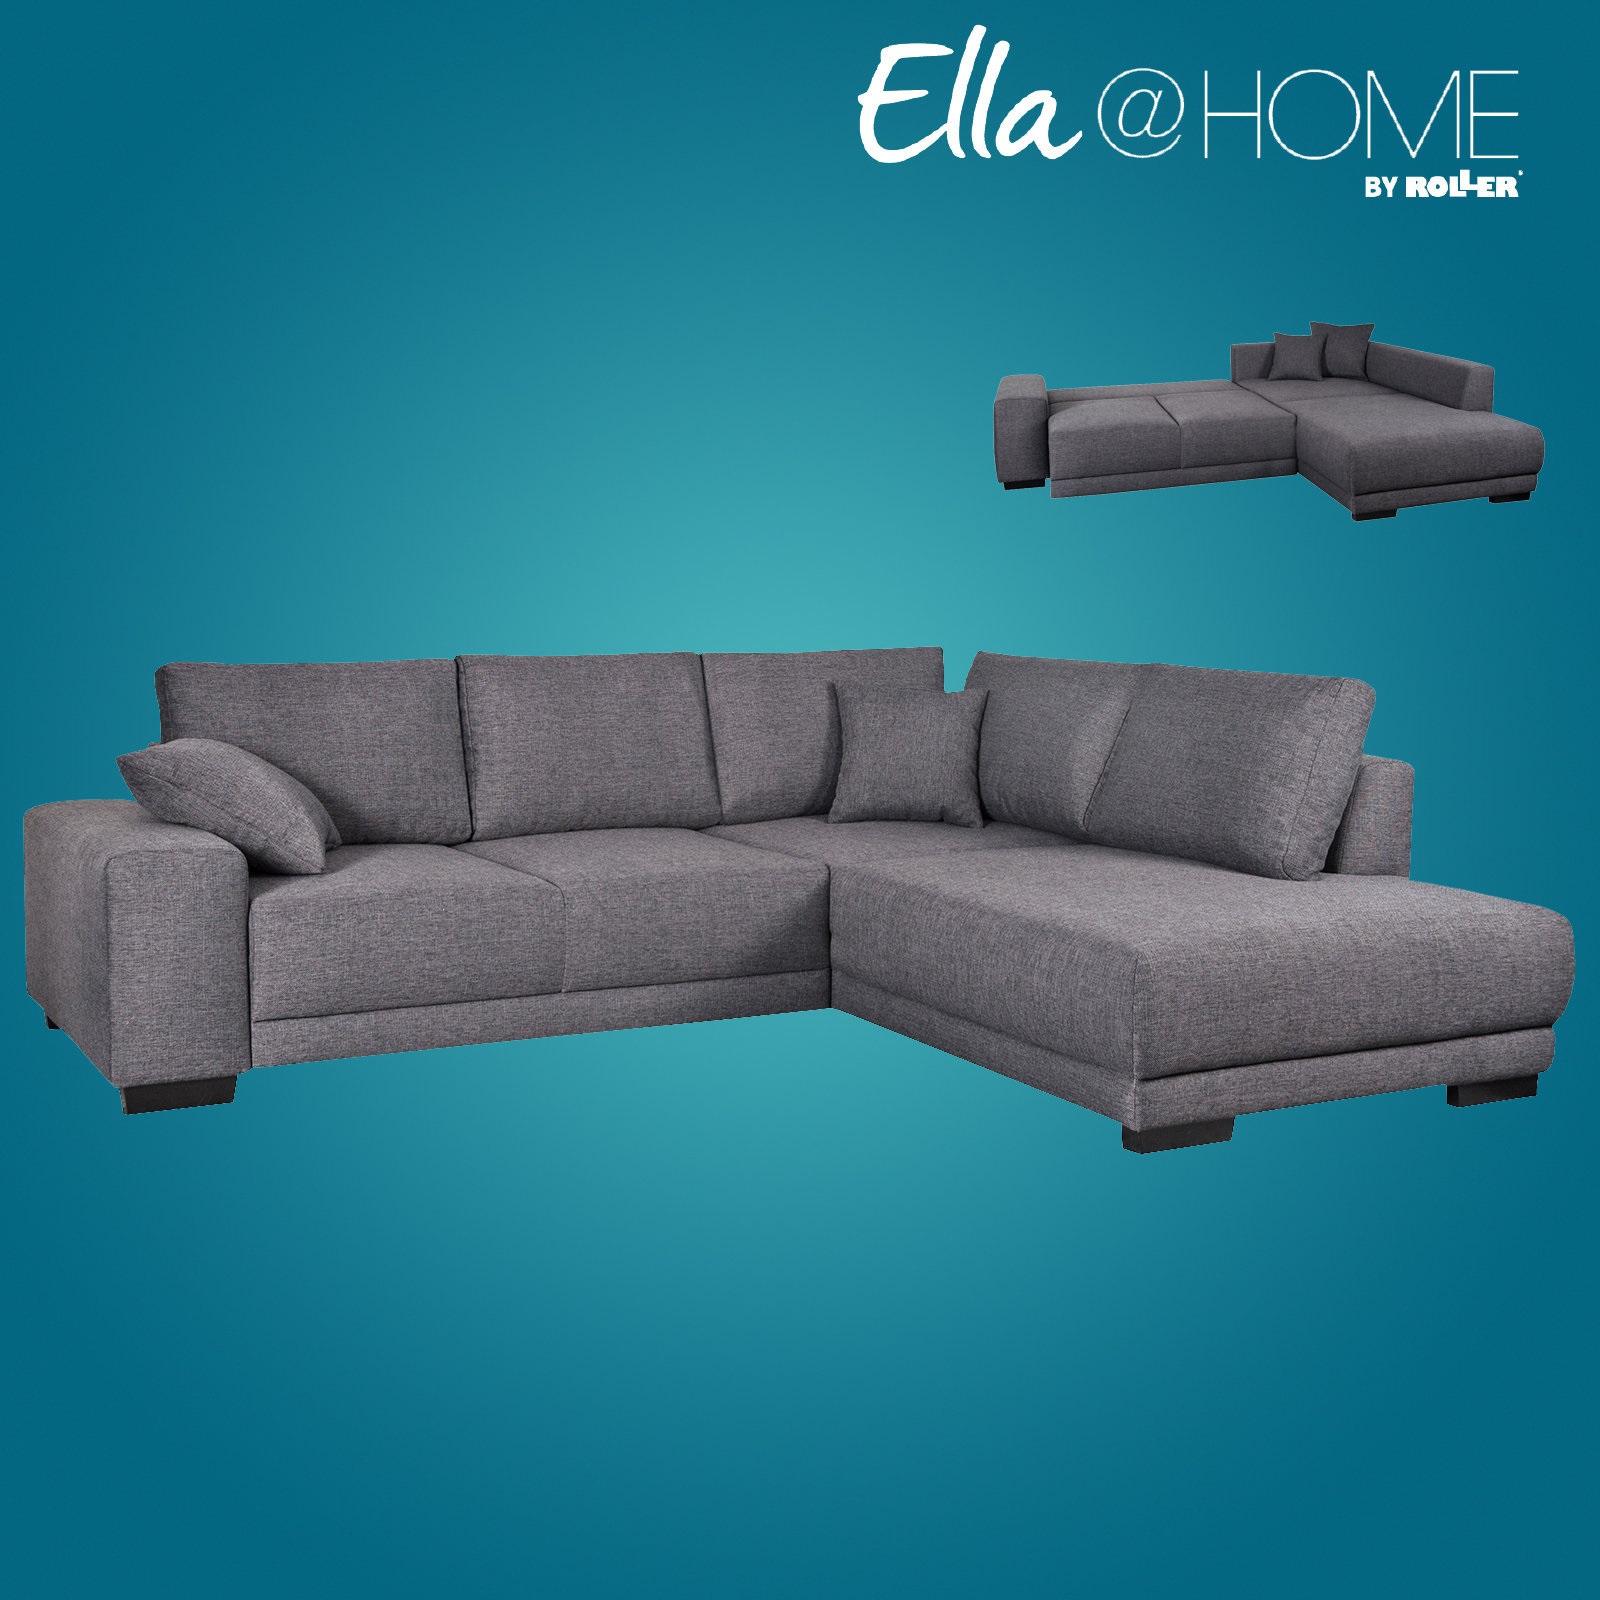 29 Sparen Ecksofa Mit Liegefunktion Ella Home Nur 499 99